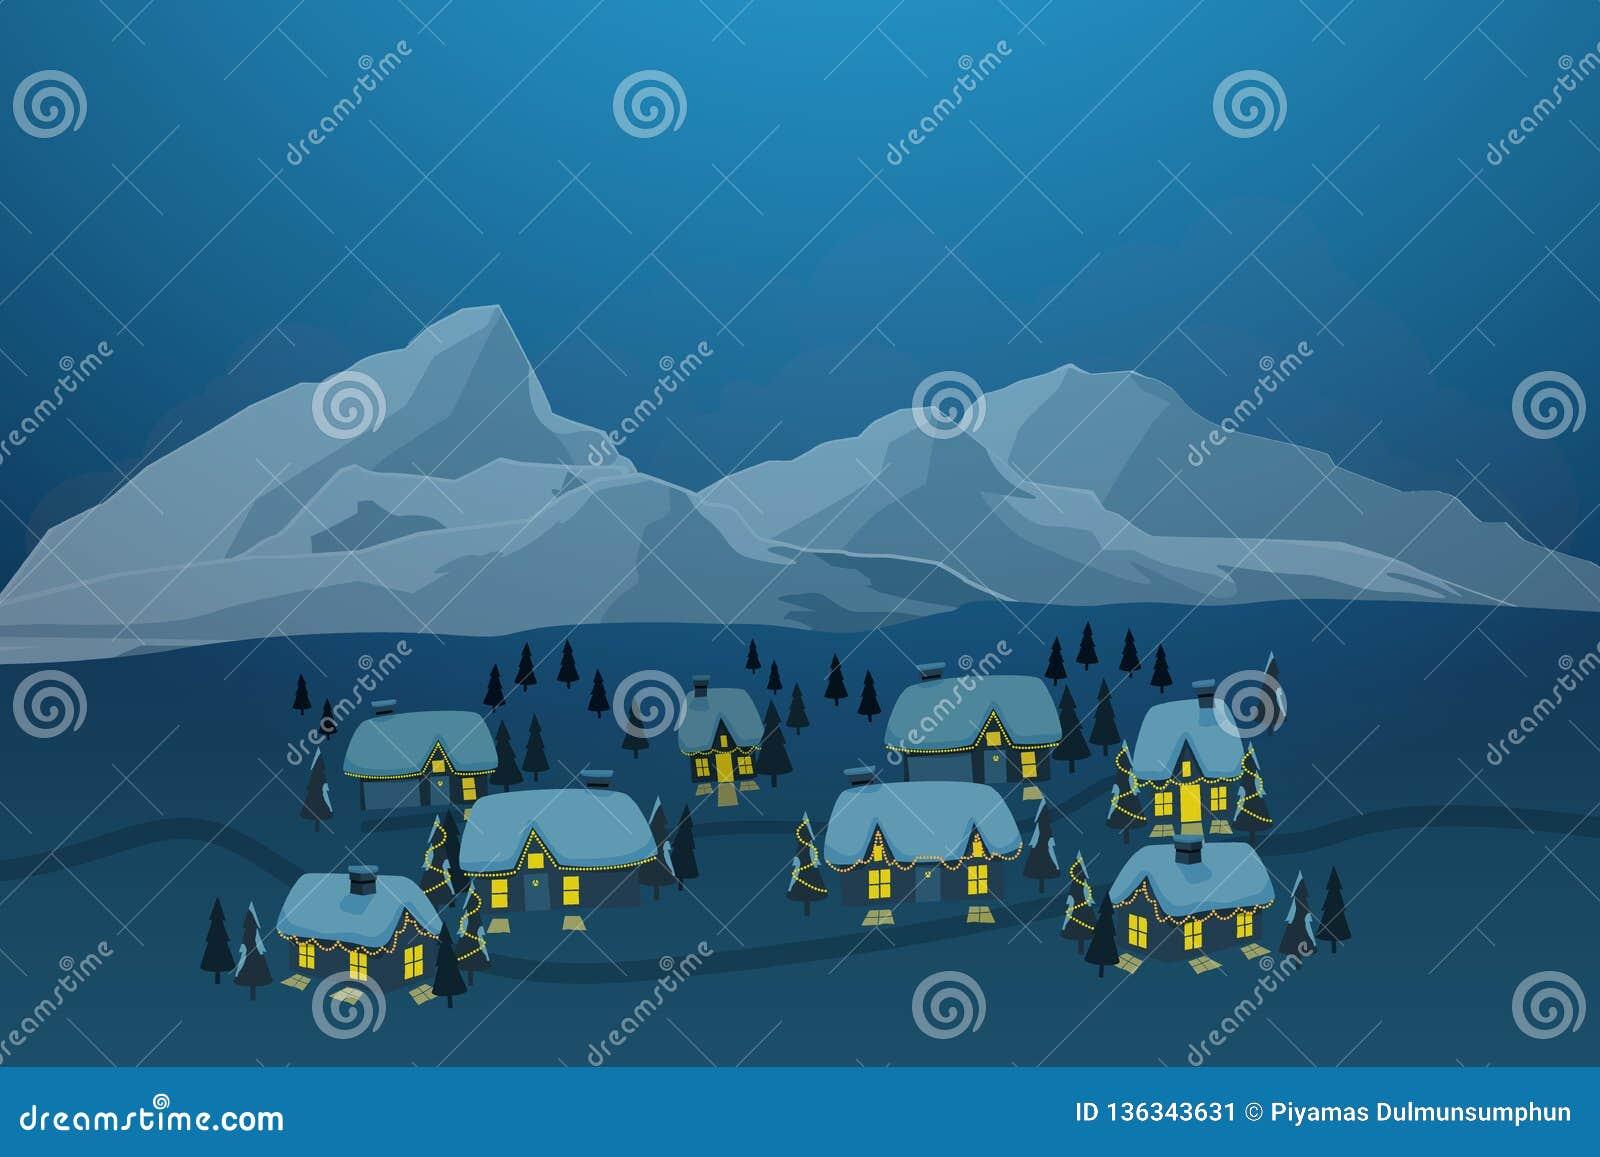 Ejemplo del vector del pueblo viejo de la ciudad con nieve en tejado y del iceberg en el fondo en la estación del invierno